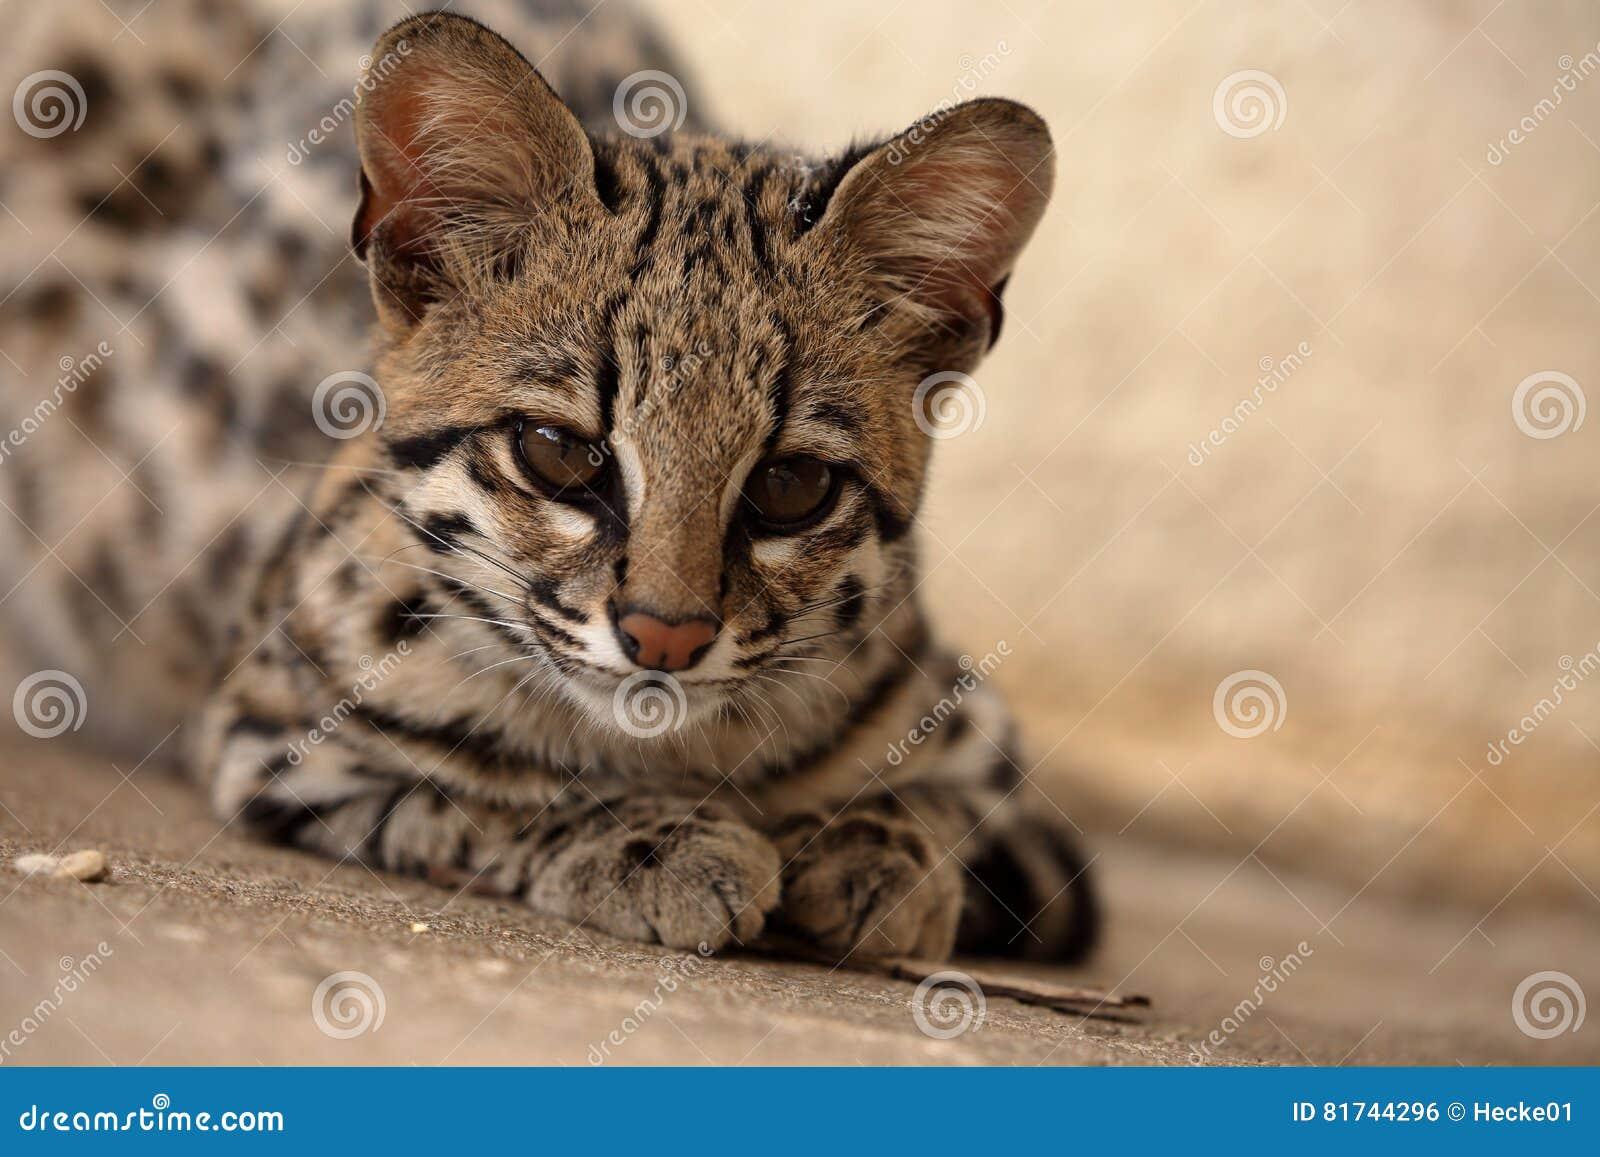 Tygrysi Kot Lub Ocelot Kot Od Brazylia Zdjęcie Stock Obraz